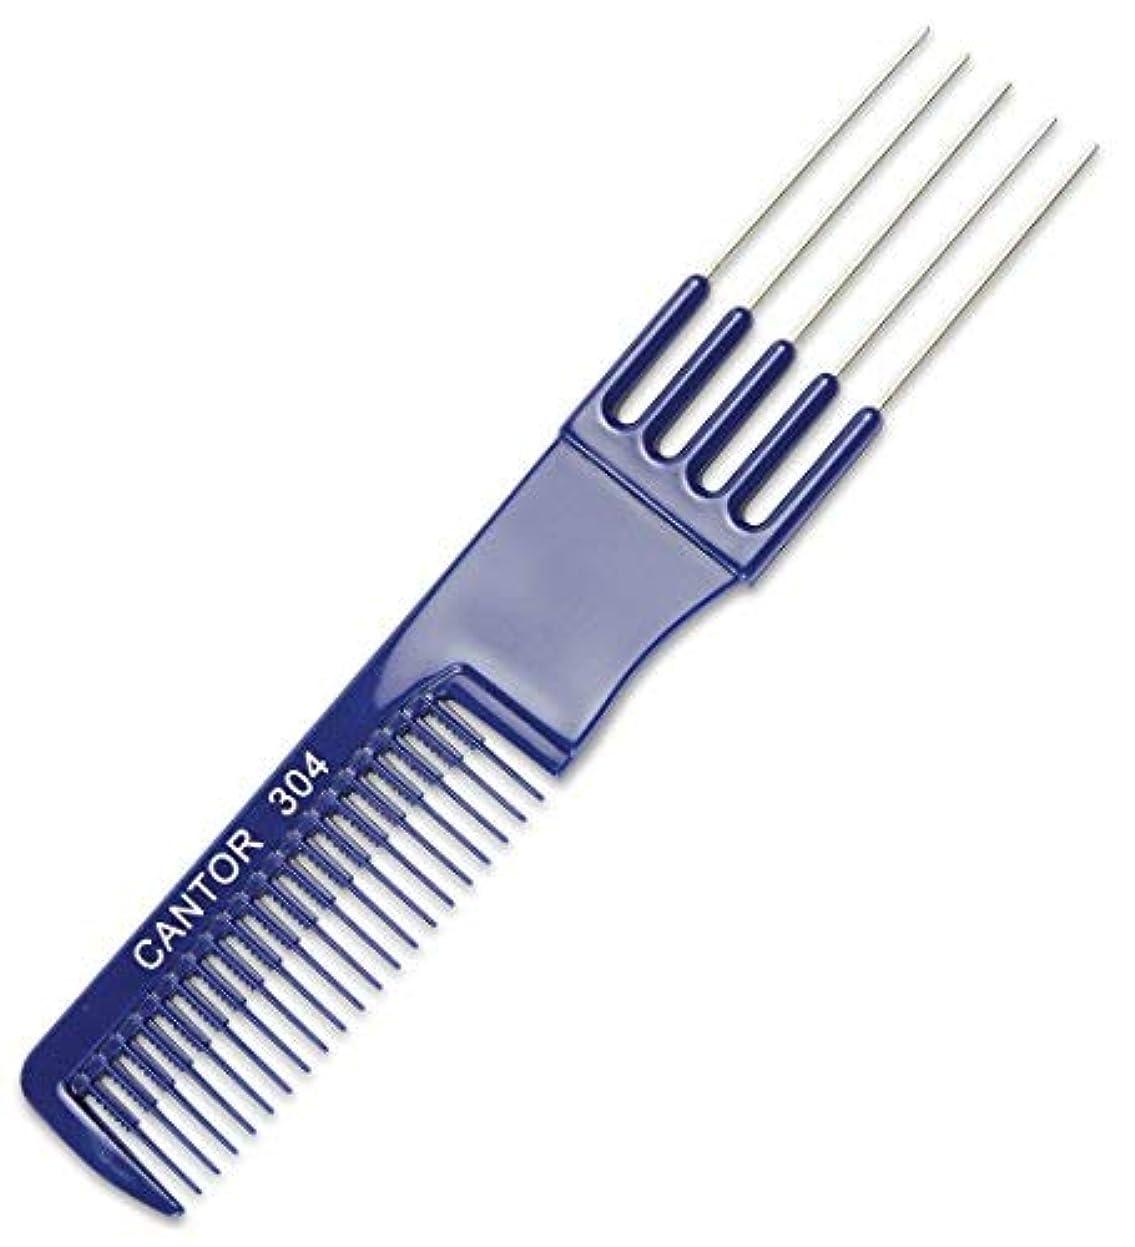 ユーザー忘れられないフィドルTeasing Comb With Metal Lifts - 6  Plastic Teaser Rake and Stainless Steel Lifting Prongs ? Heat and Chemical...